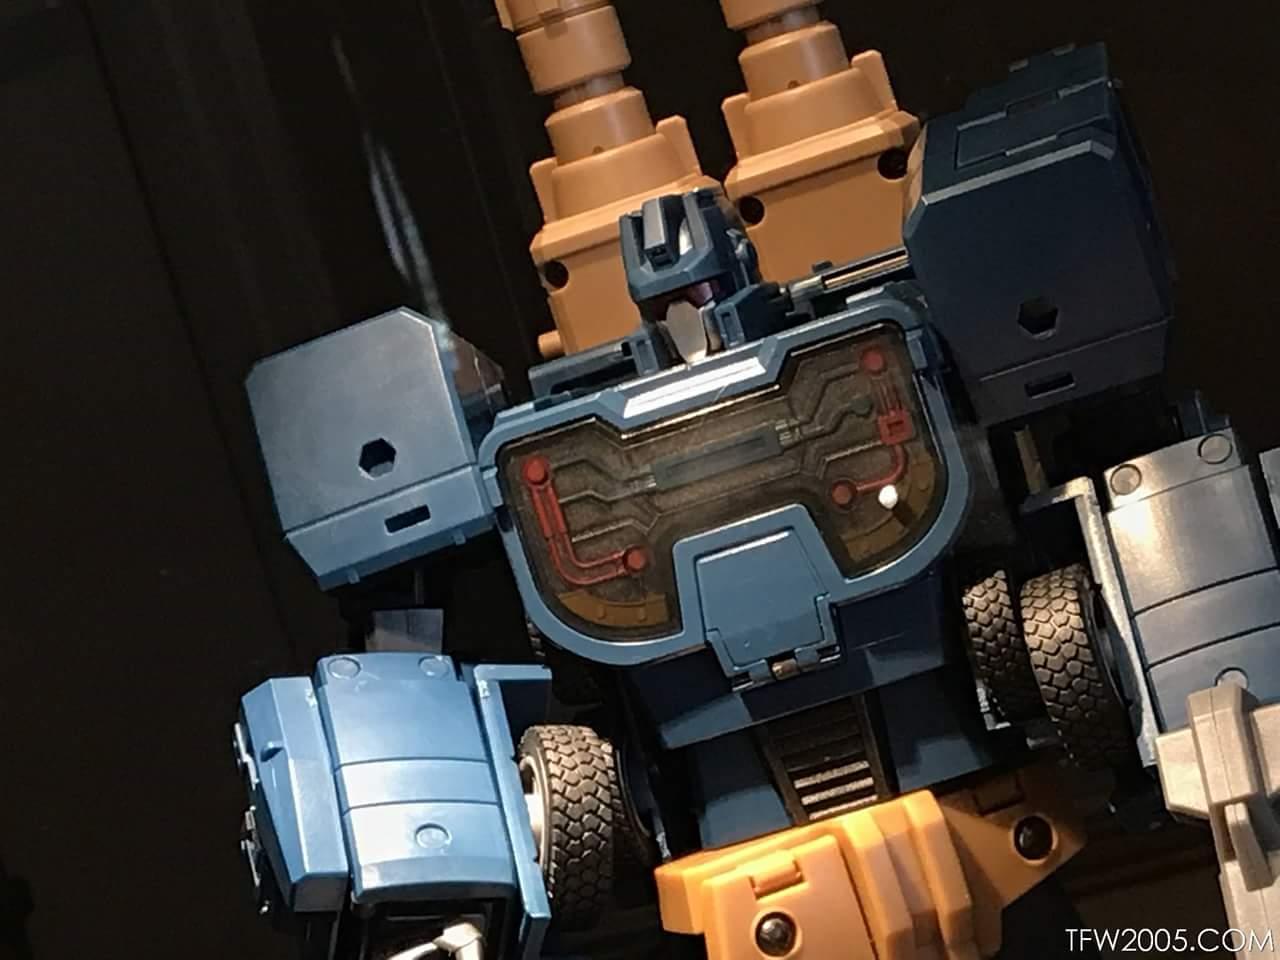 [Zeta Toys] Produit Tiers - Armageddon (ZA-01 à ZA-05) - ZA-06 Bruticon - ZA-07 Bruticon ― aka Bruticus (Studio OX, couleurs G1, métallique) - Page 5 DroHHWCf_o